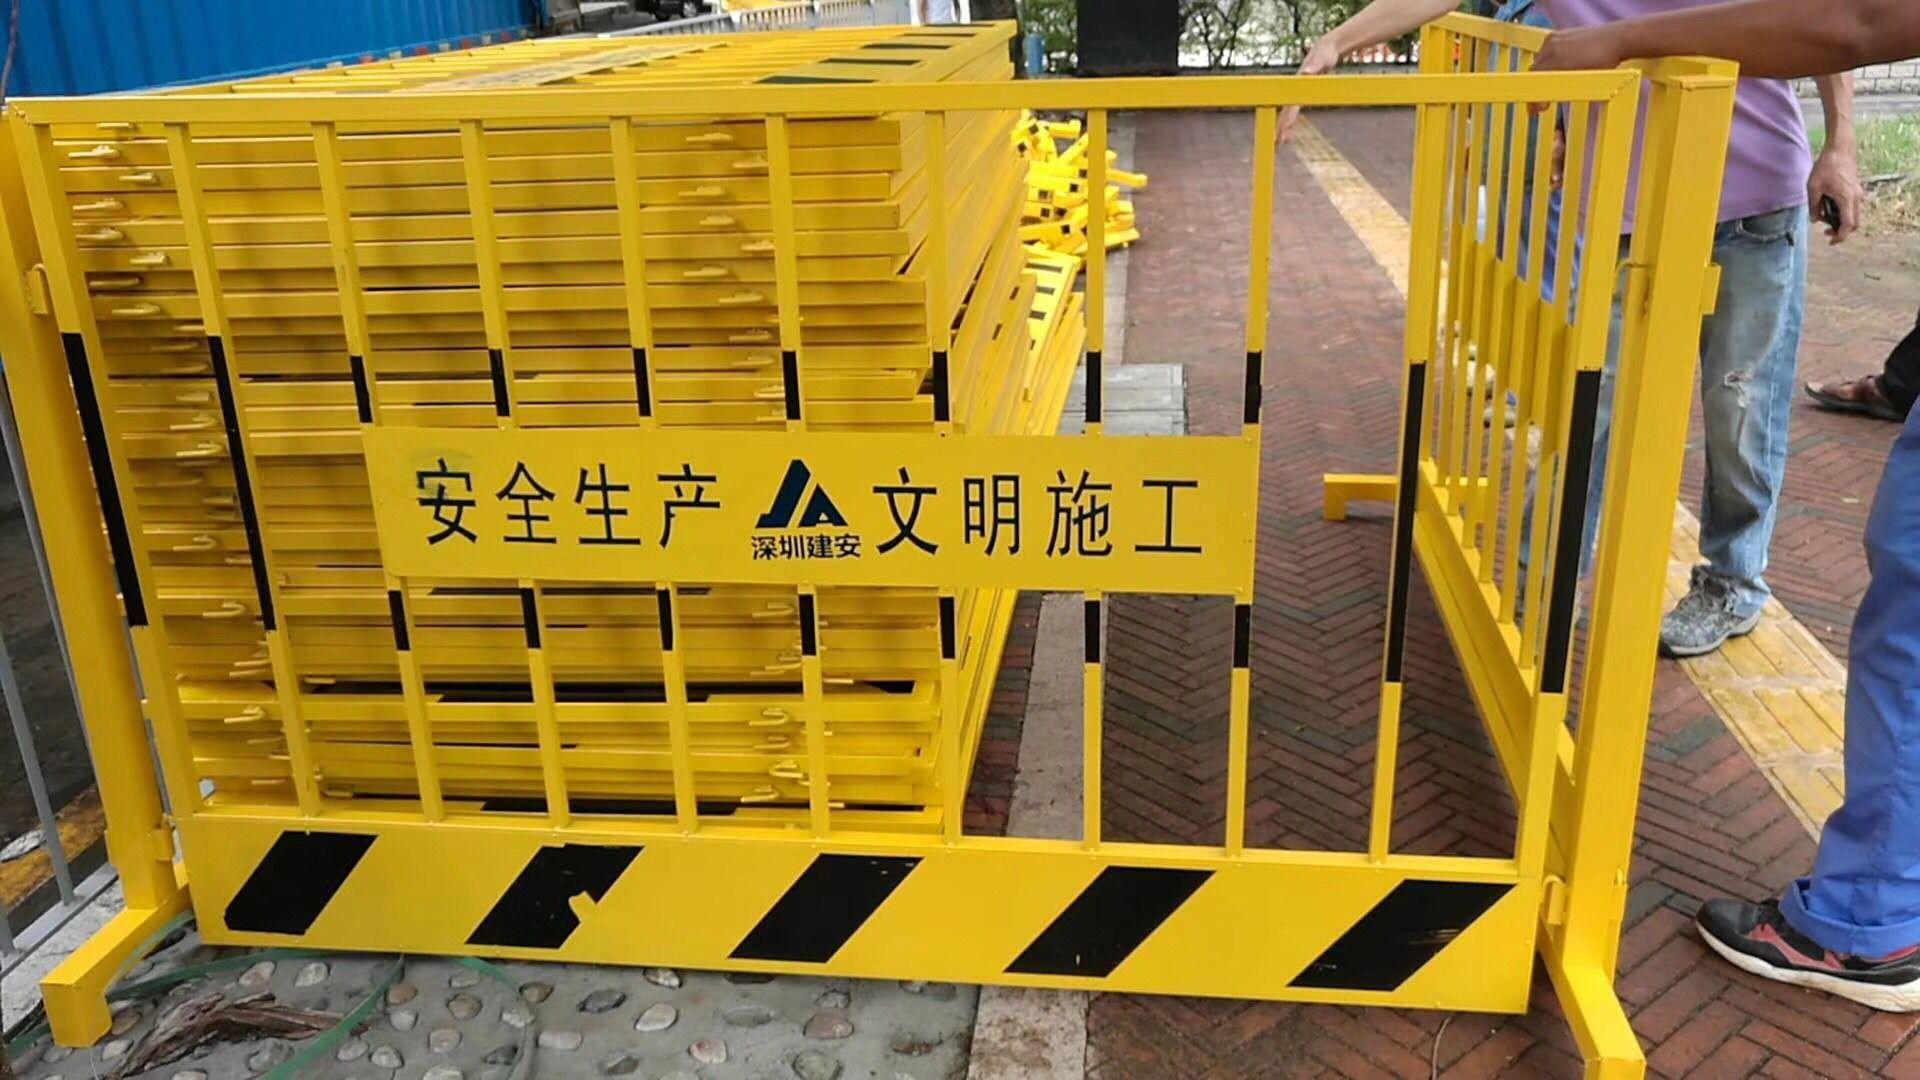 坑基护栏厂家、道路施工护栏、基础防撞栏、坑基隔离栏